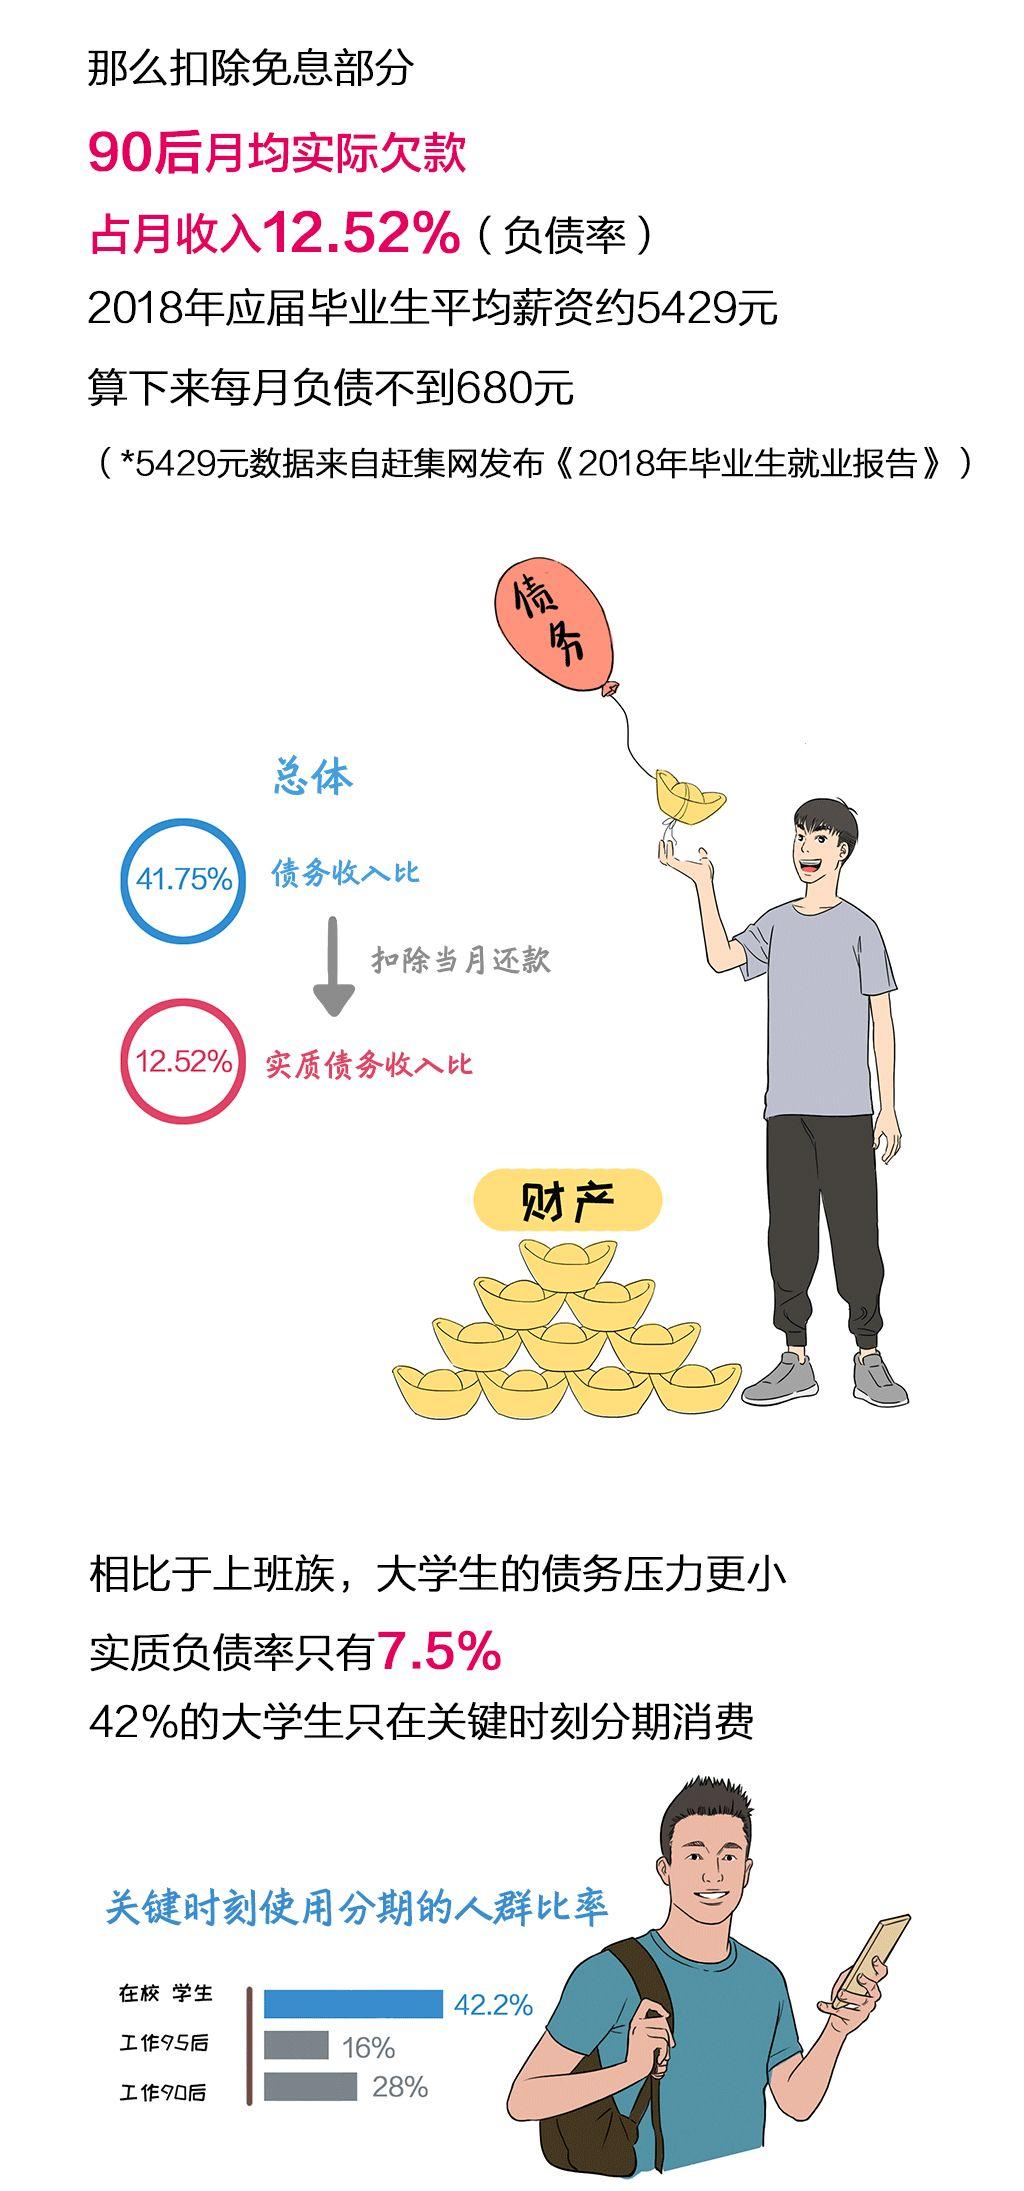 甘肃快3走势图_彩经网 粉丝贷款追星、演唱会门票被炒到10万?你为明星花过钱吗?